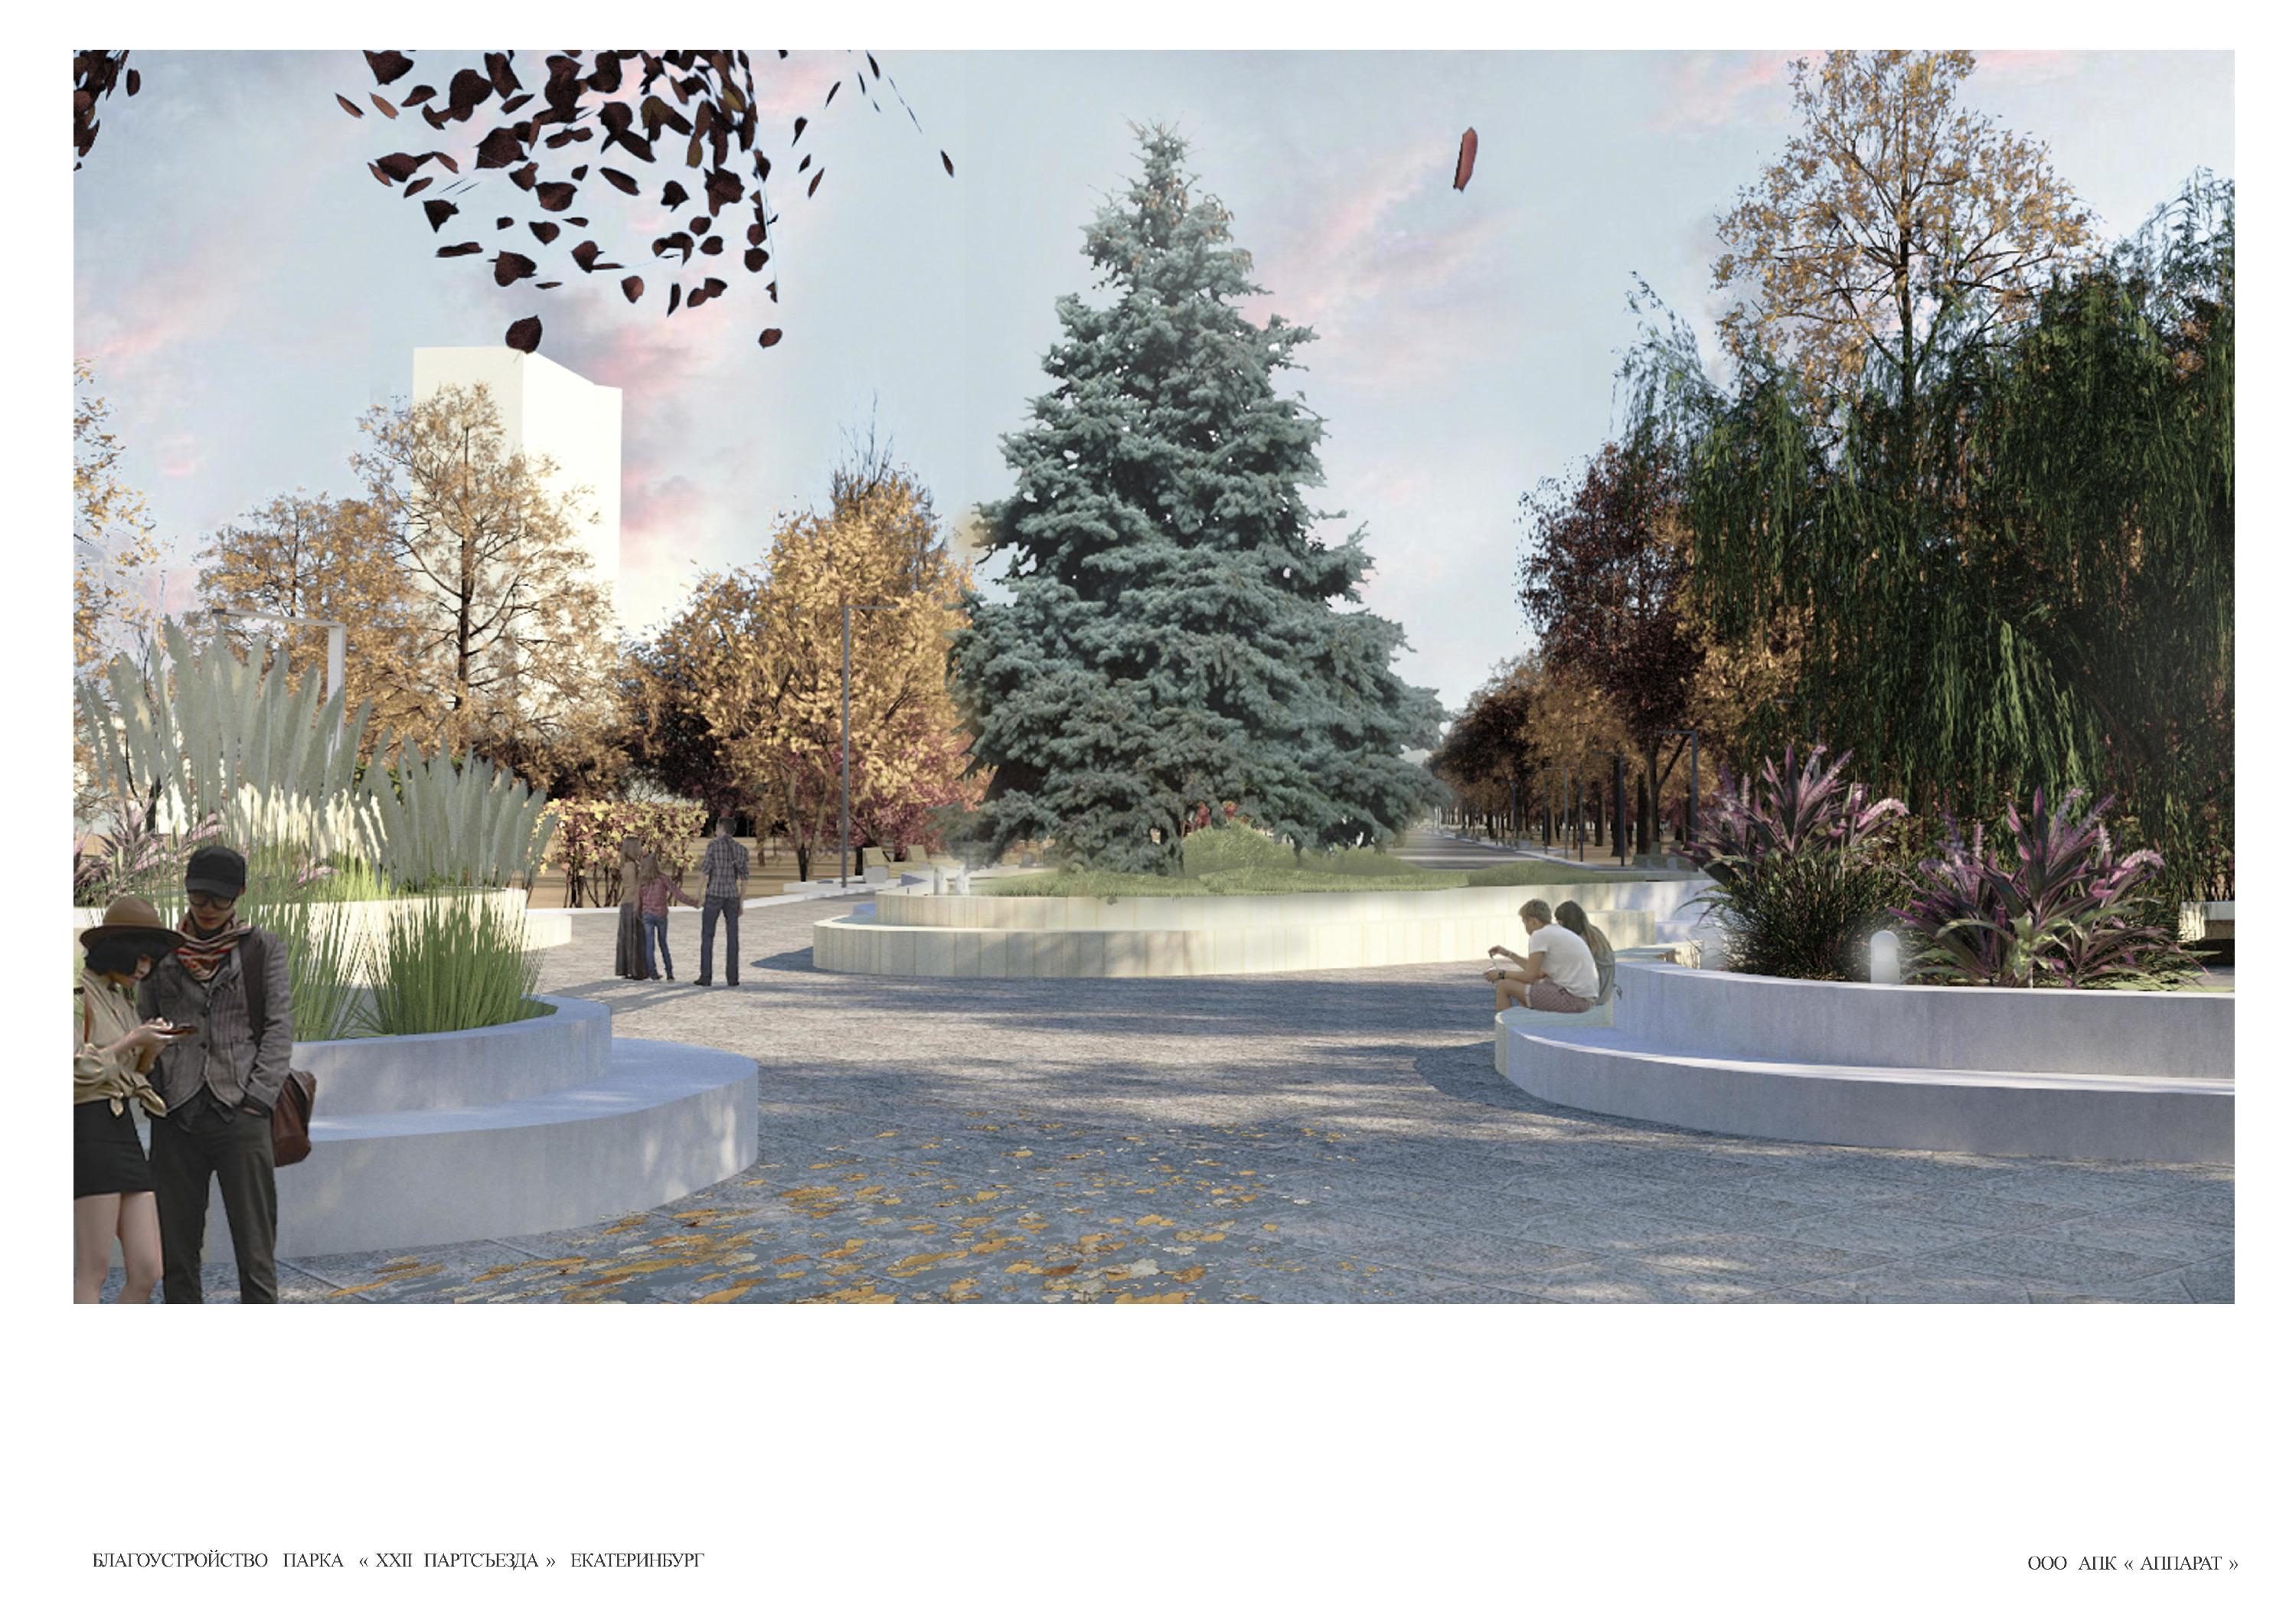 Большая ель на месте круглой площадки со столбом станет главным новогодним деревом района